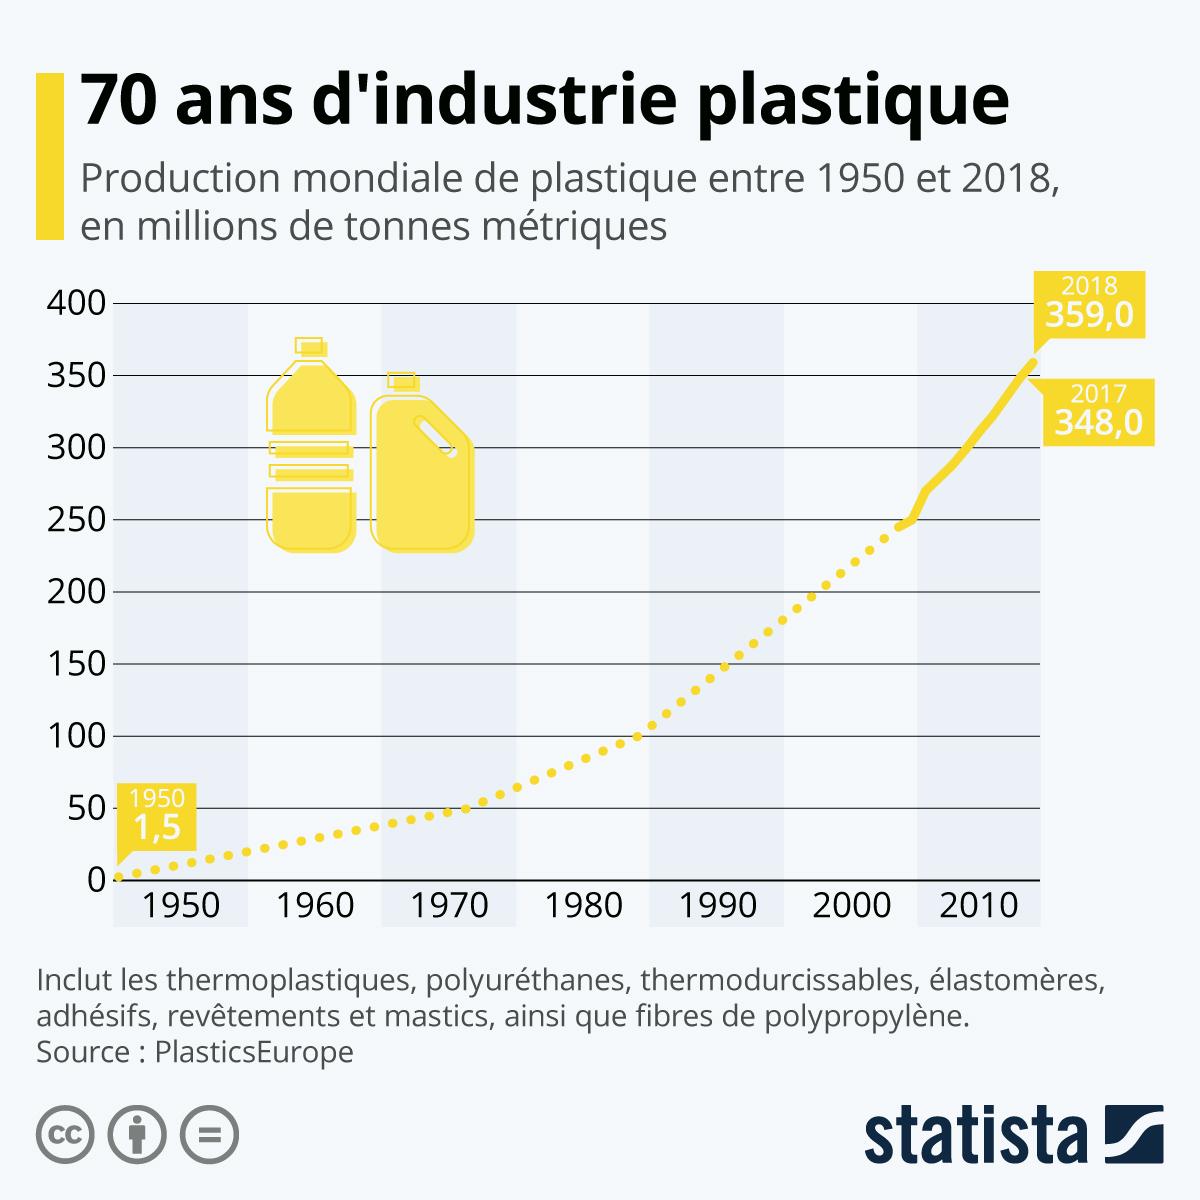 Production mondiale de plastique en 70 ans selon Statista.